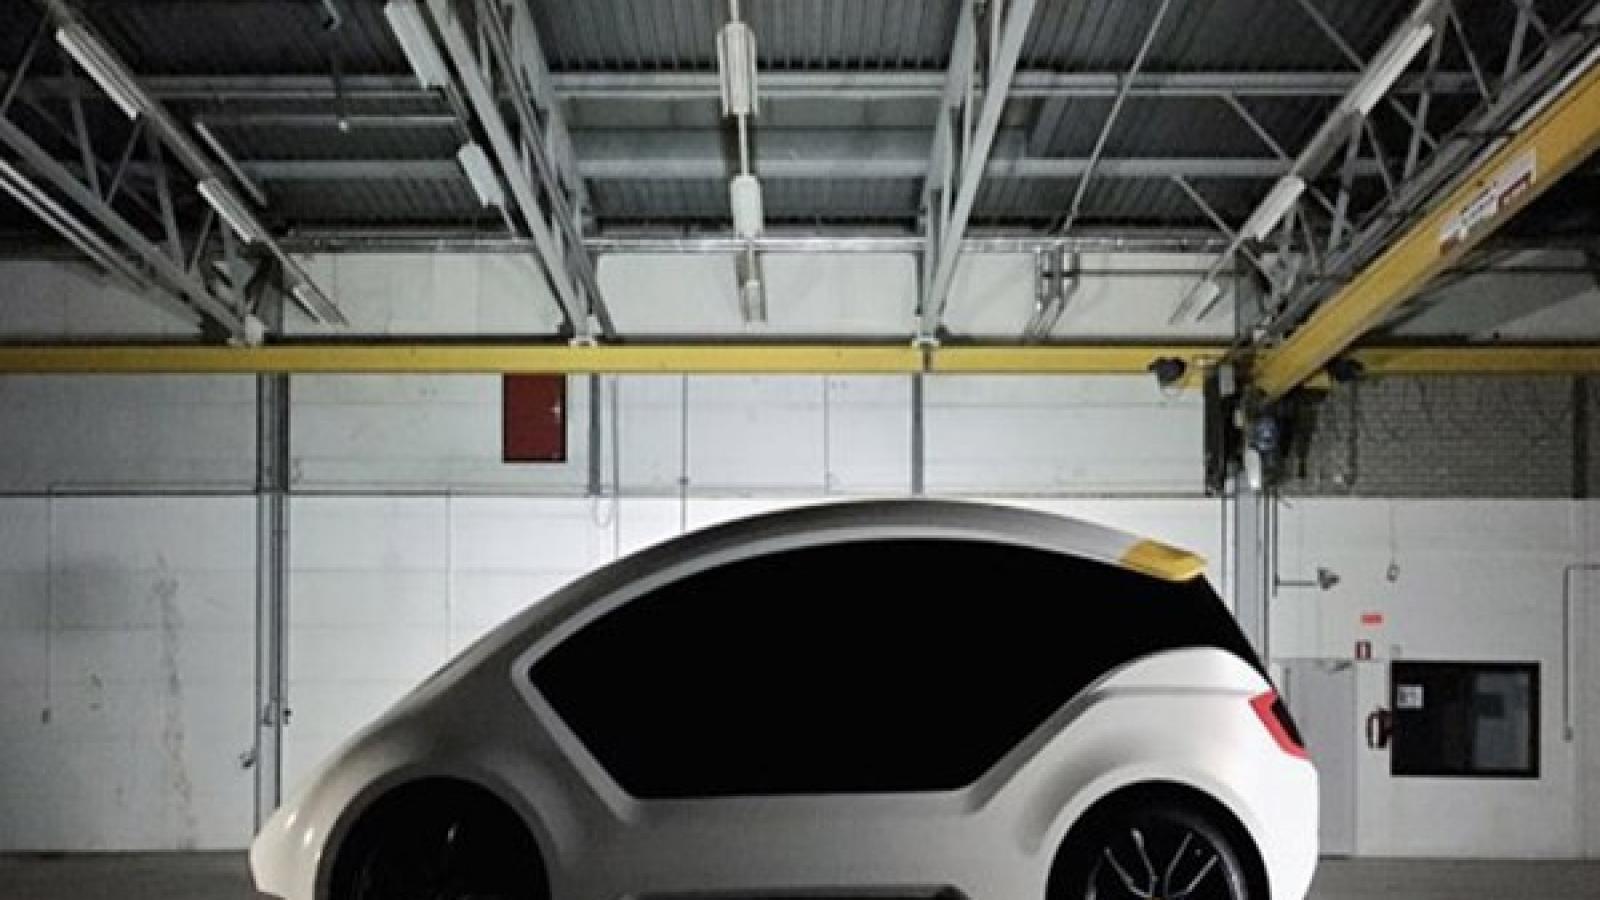 باتری این خودروی الکتریکی معادل 1.6 میلیون کیلومتر عمر میکند - اجاره خودرو طباطبایی